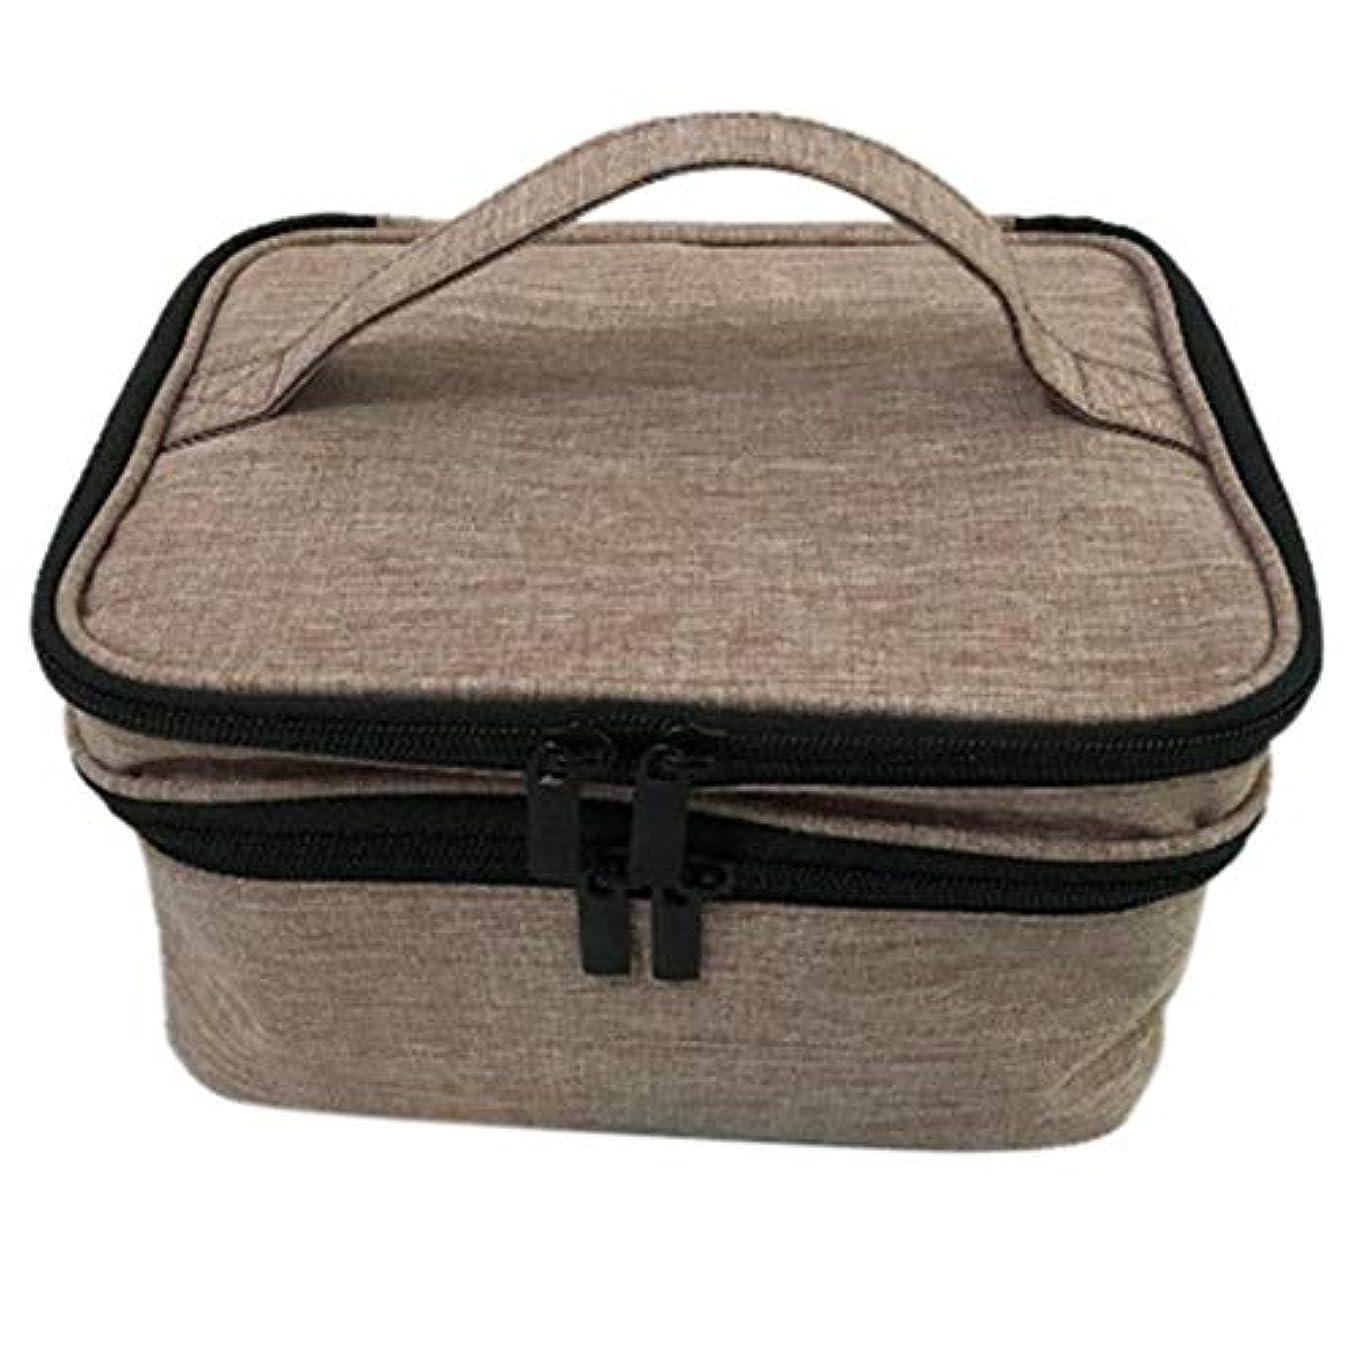 銀ベルトユダヤ人収納バッグ 30格 仕切り エッセンシャルオイル 精油 保管袋 収納ボックス 収納ケース 精油ケース 香水収納バッグ 不織布 携帯便利 耐震 30本用 (5ml~30ml)